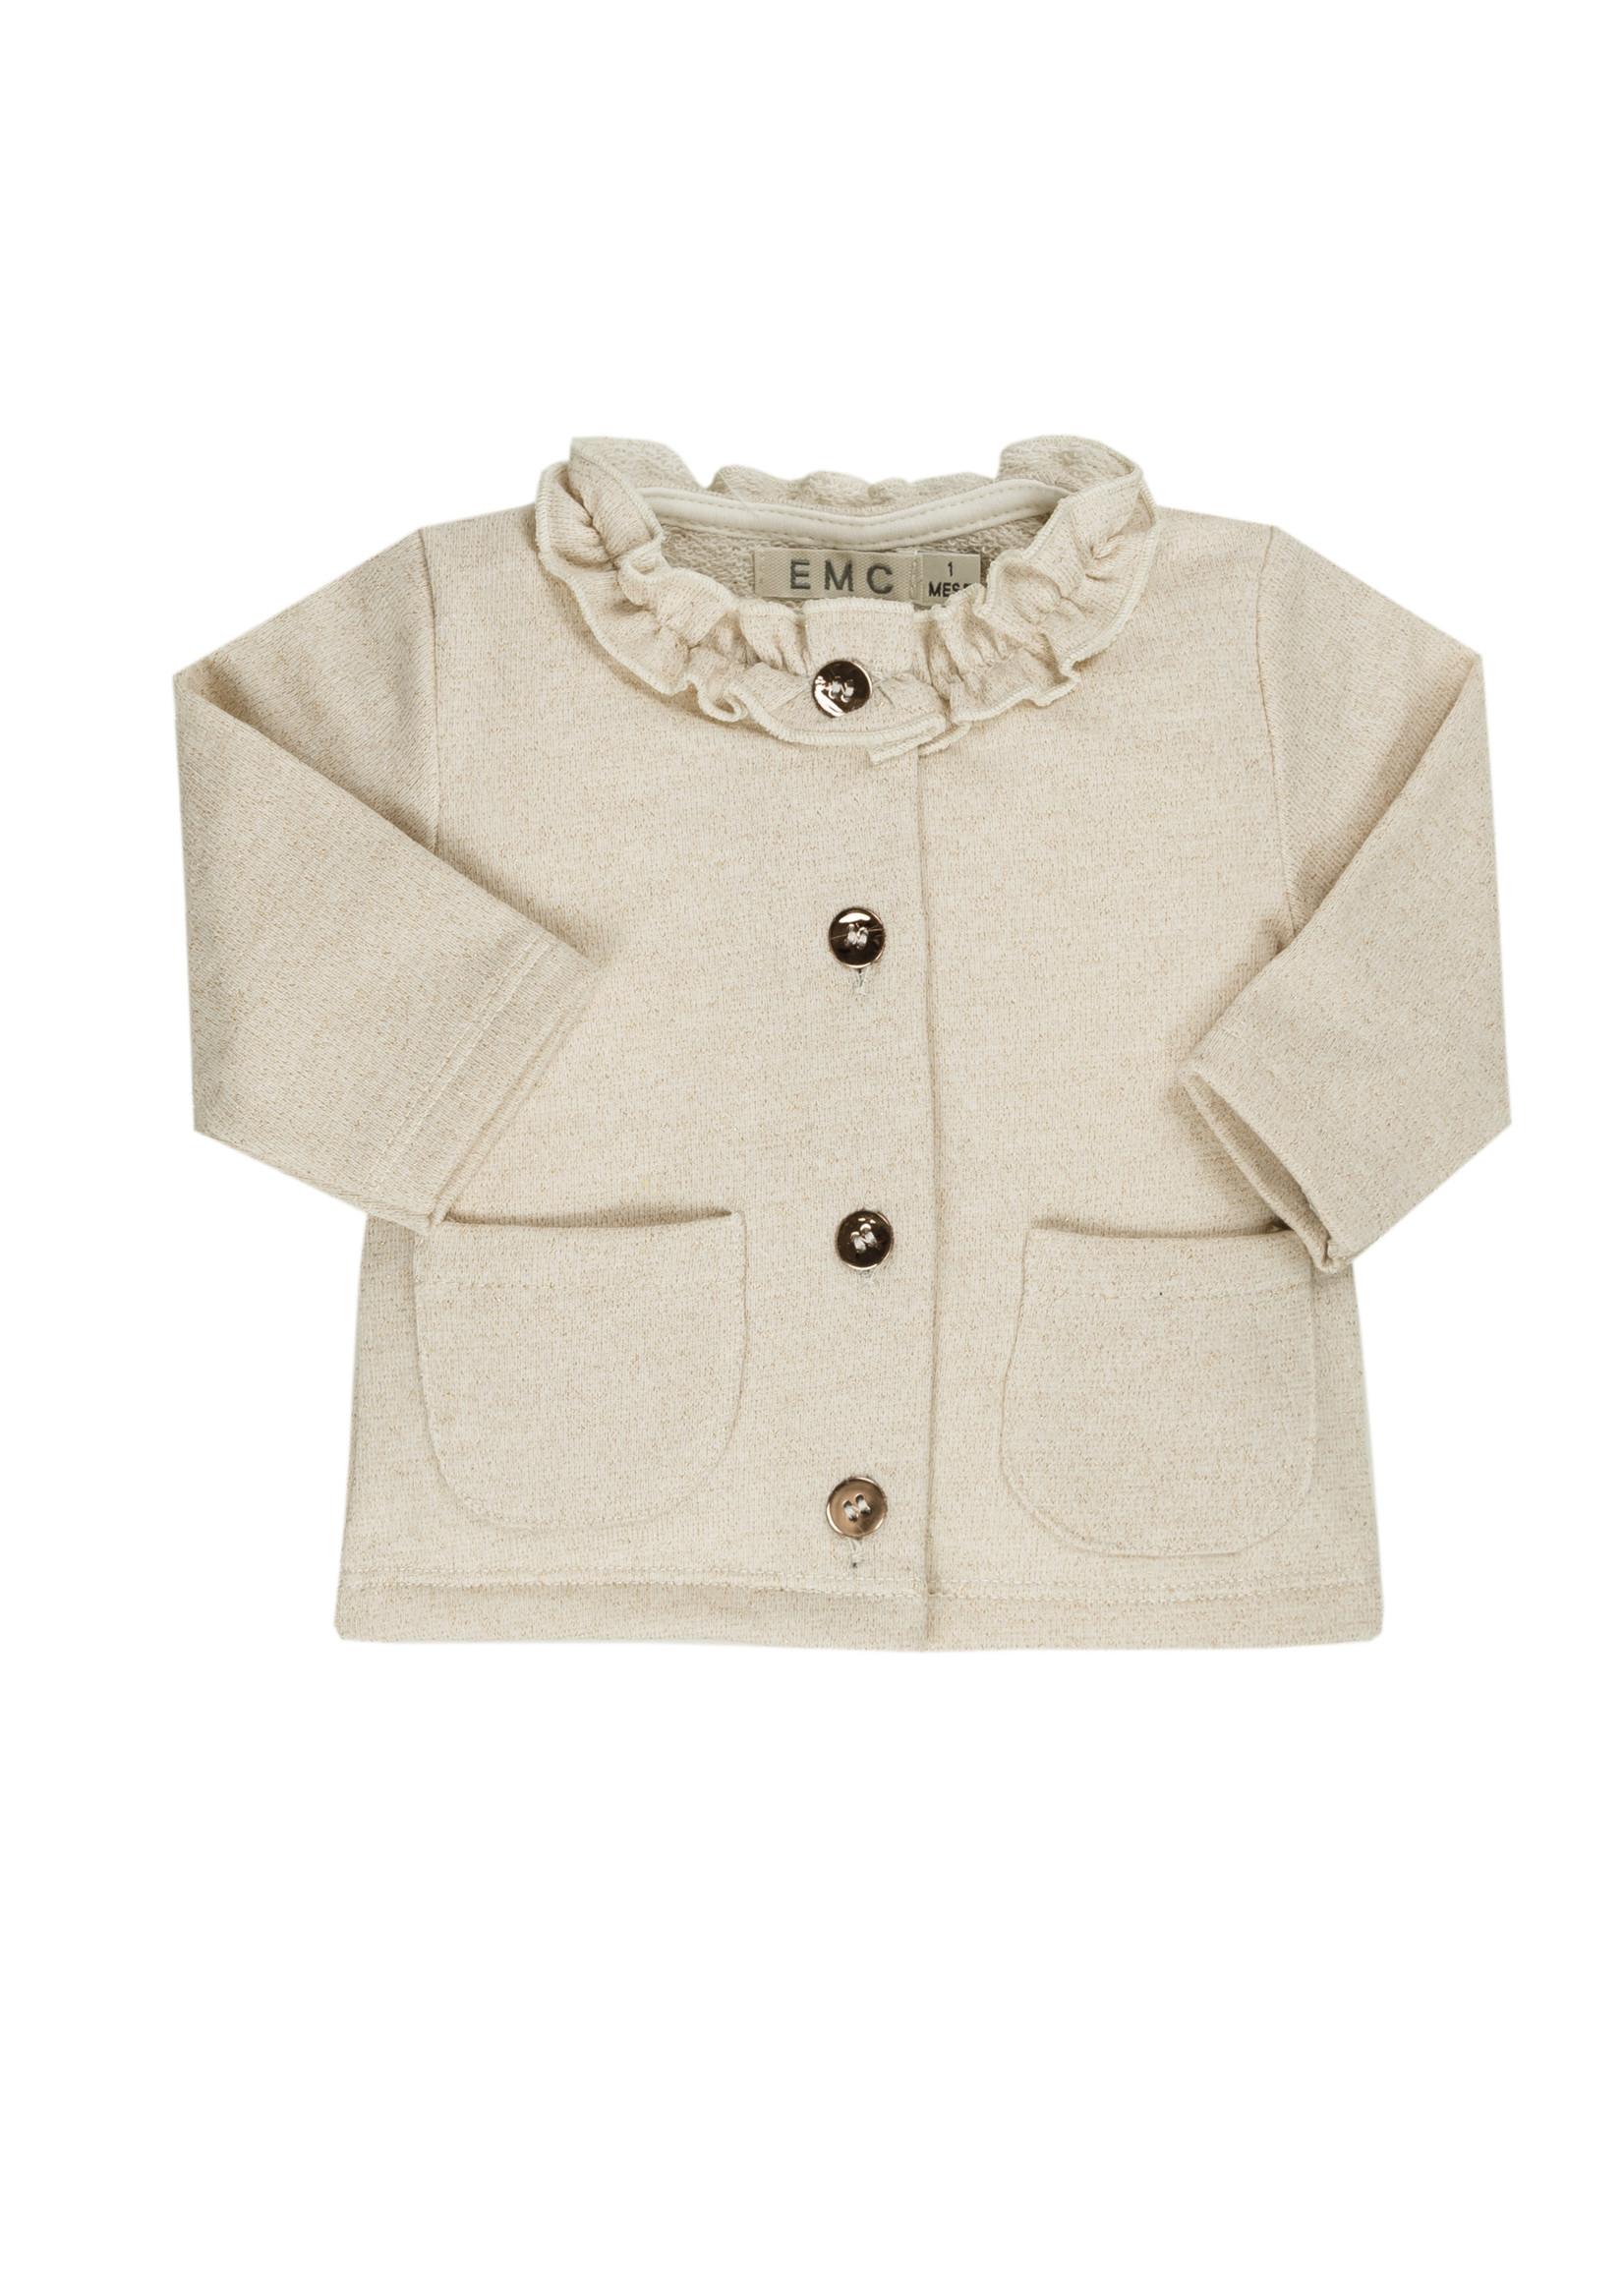 EMC EMC fleece jacket gold